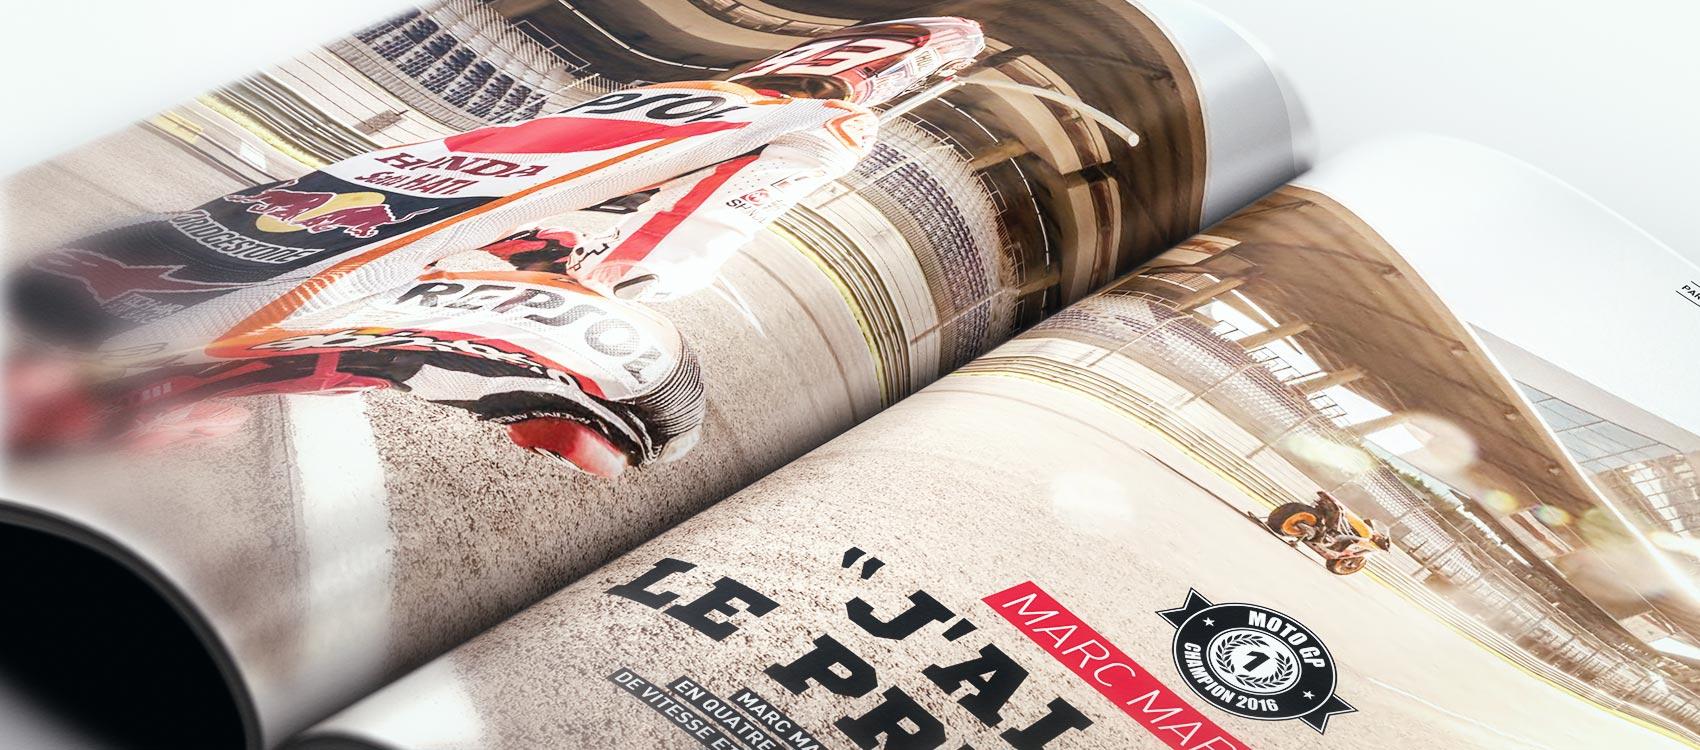 Magazine-Sport-bikes_numéro 1 de la vitesse moto